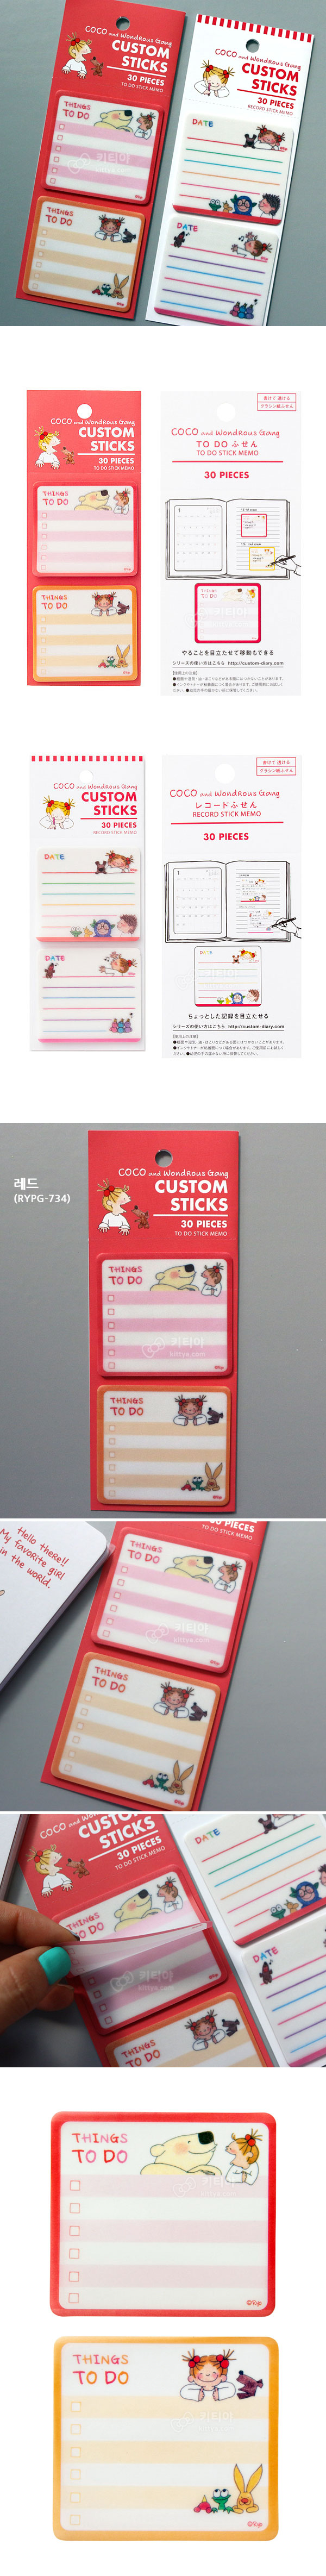 코코 커스텀 스틱 메모지 30매 (택1) - 키티야, 8,800원, 메모/점착메모, 점착메모지